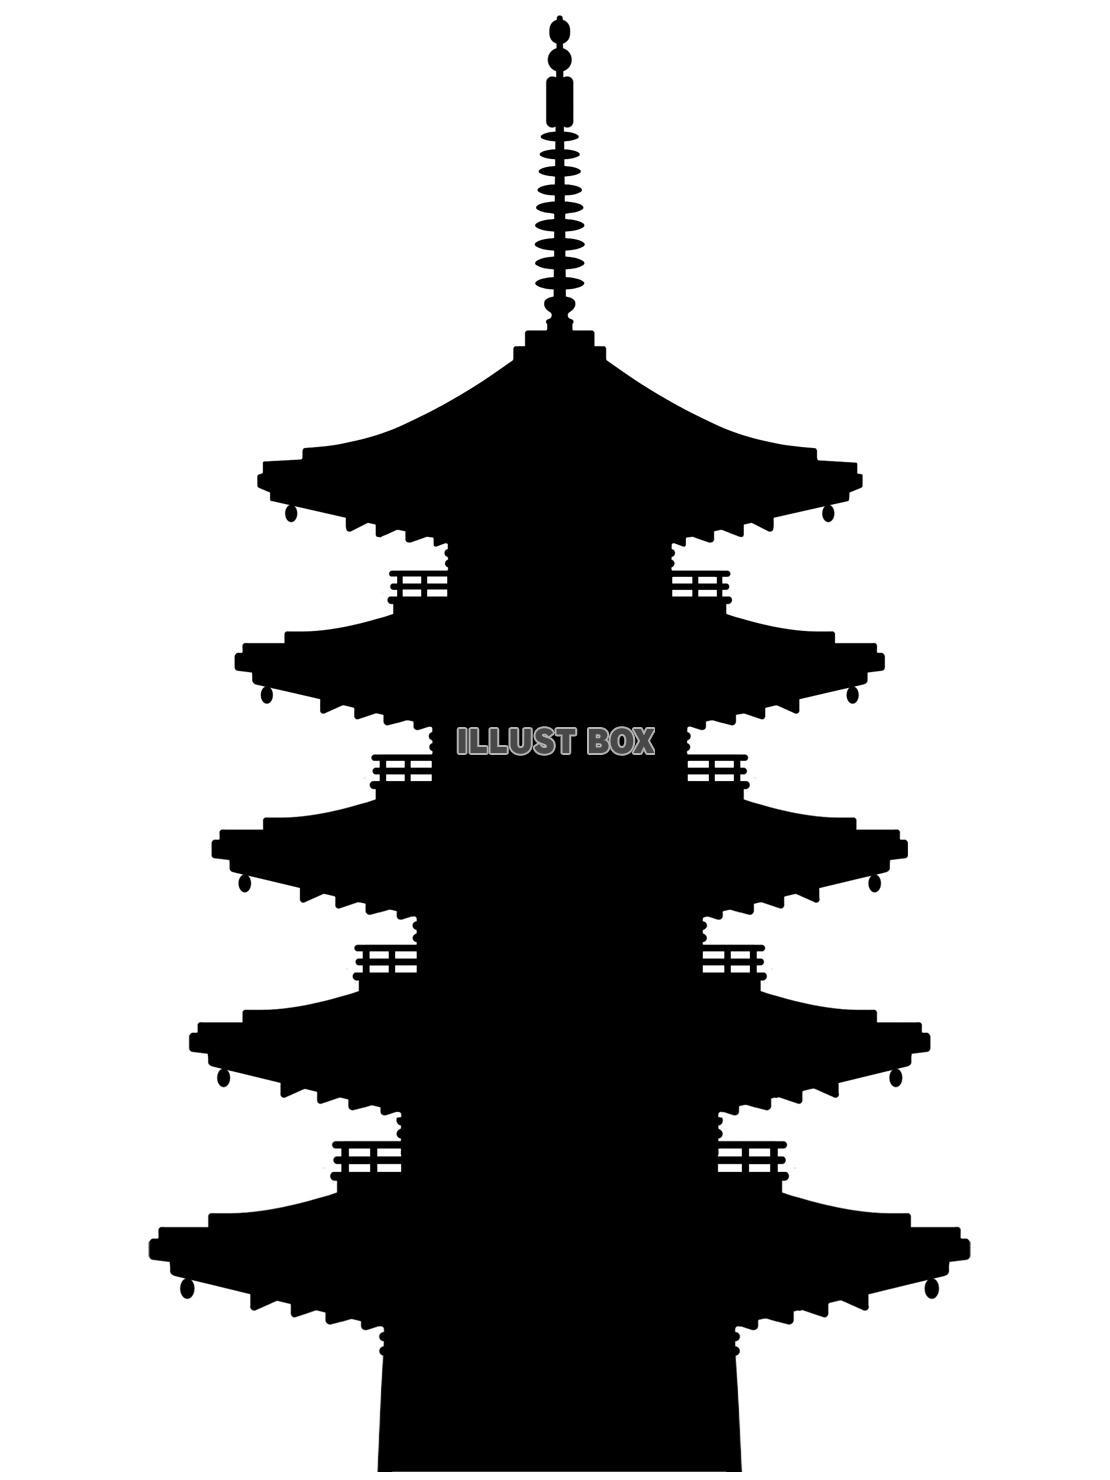 無料イラスト 五重塔壁紙シンプル背景素材イラスト